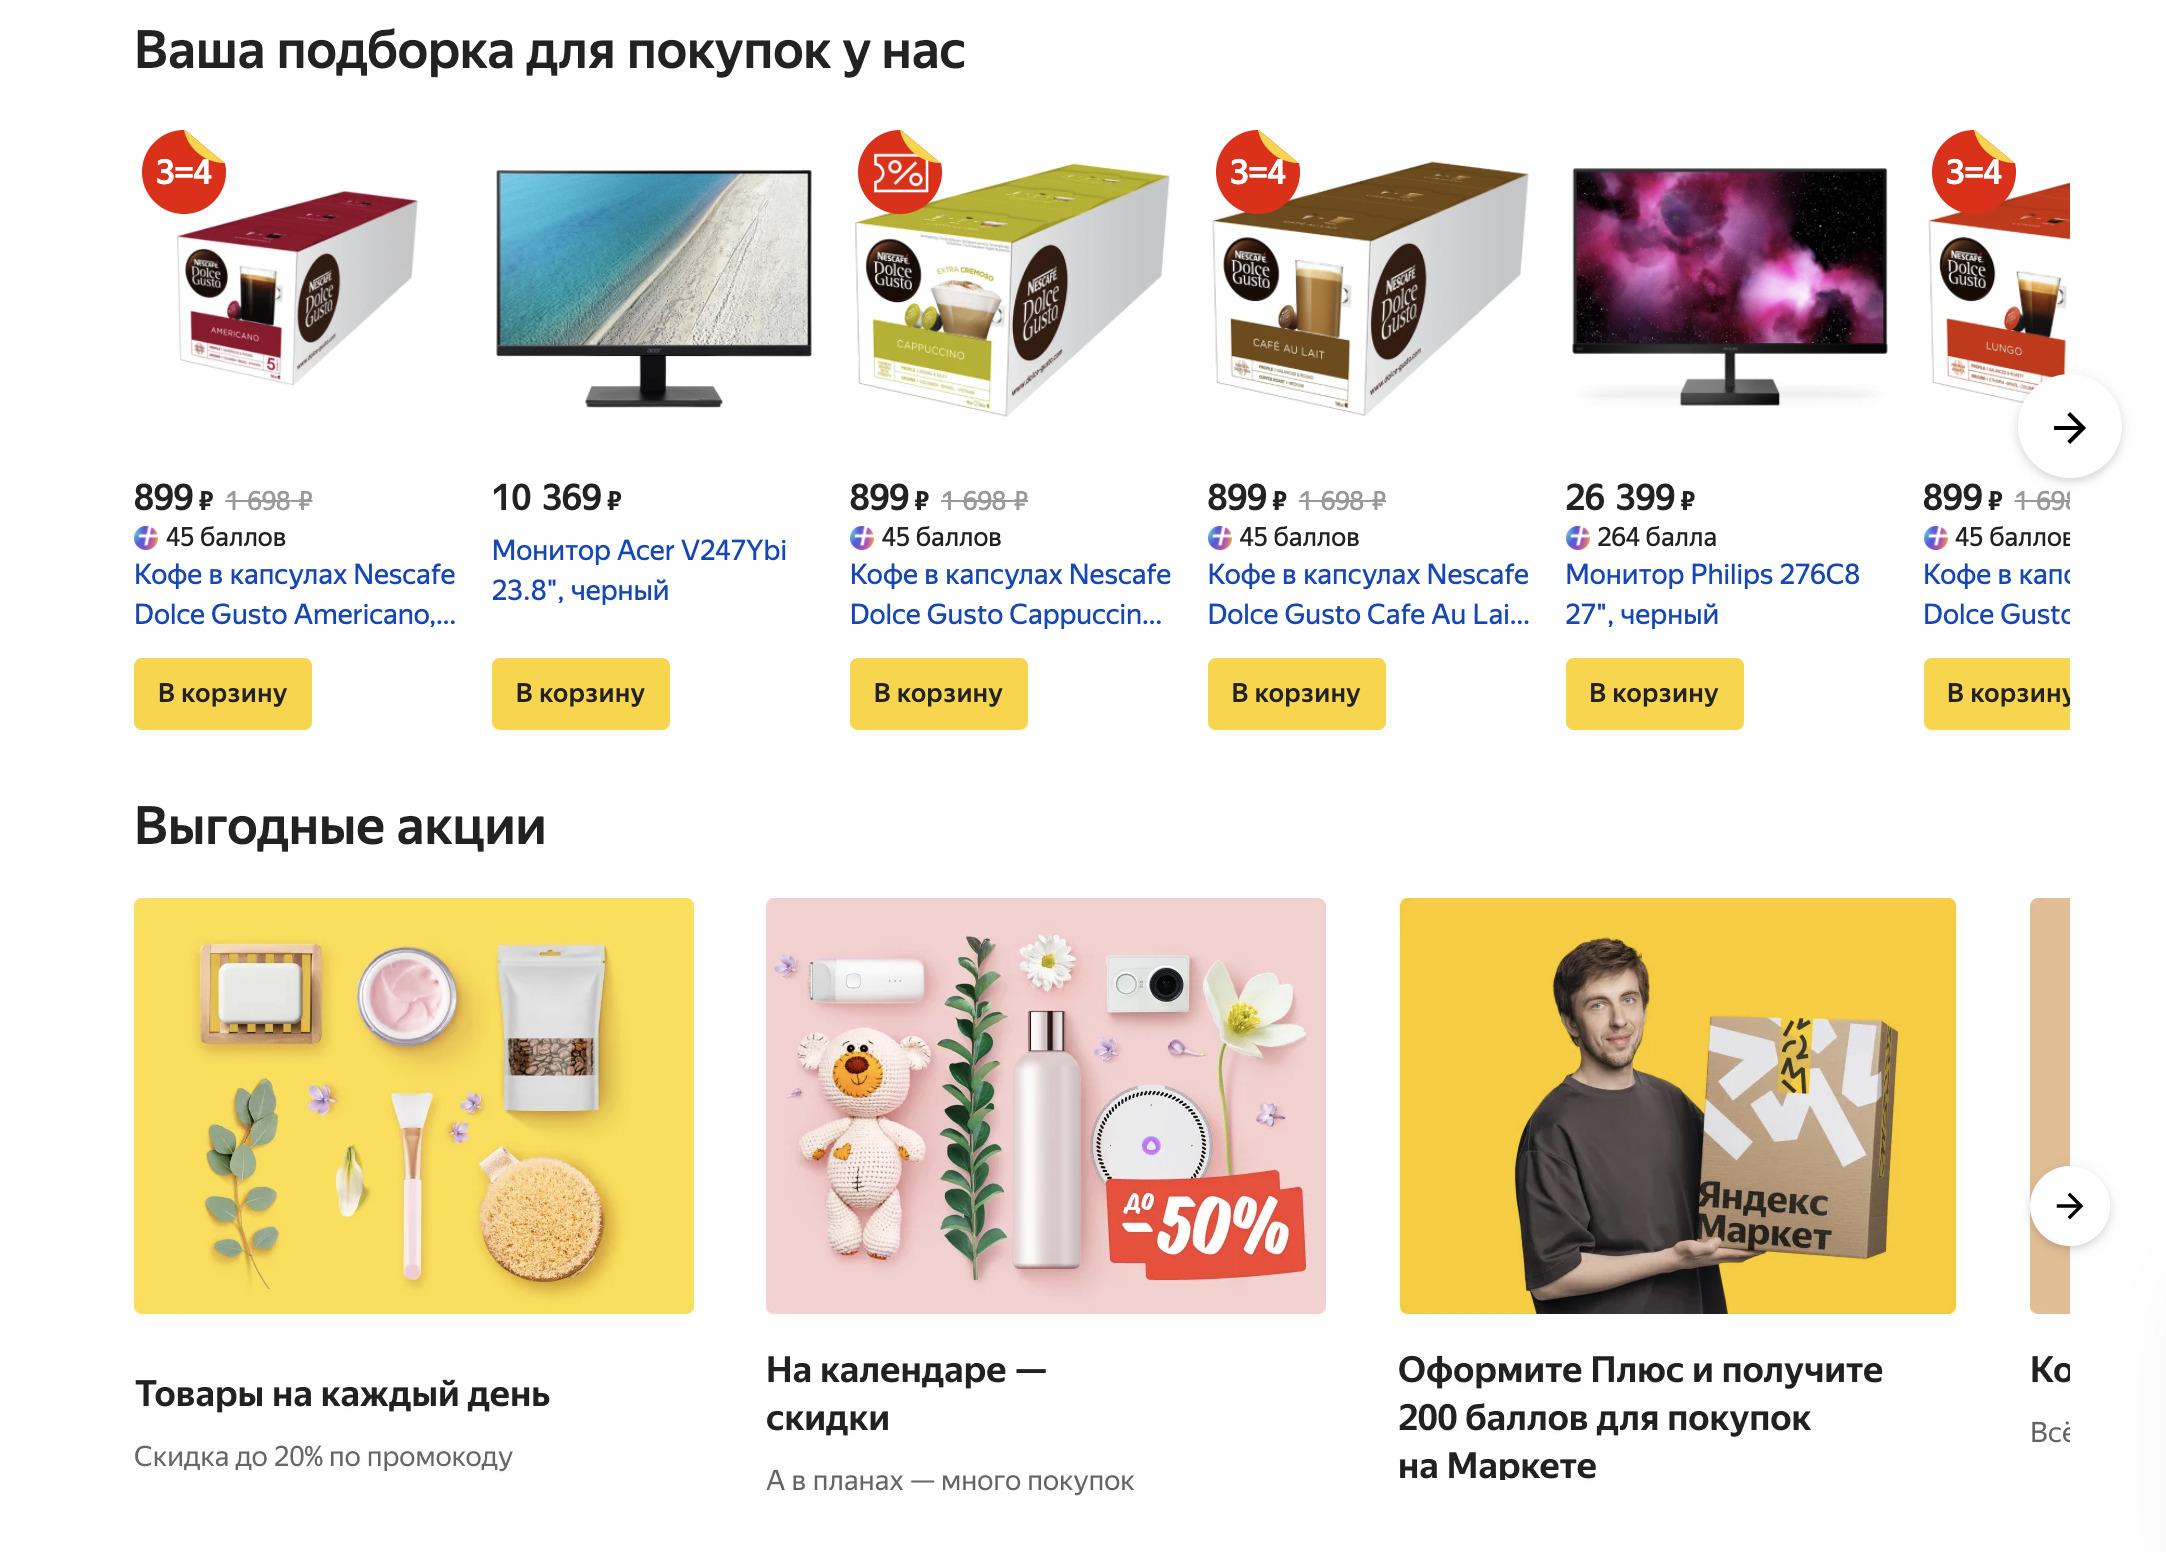 Доставка из Яндекс.Маркет в Ачинск, сроки, пункты выдачи, каталог